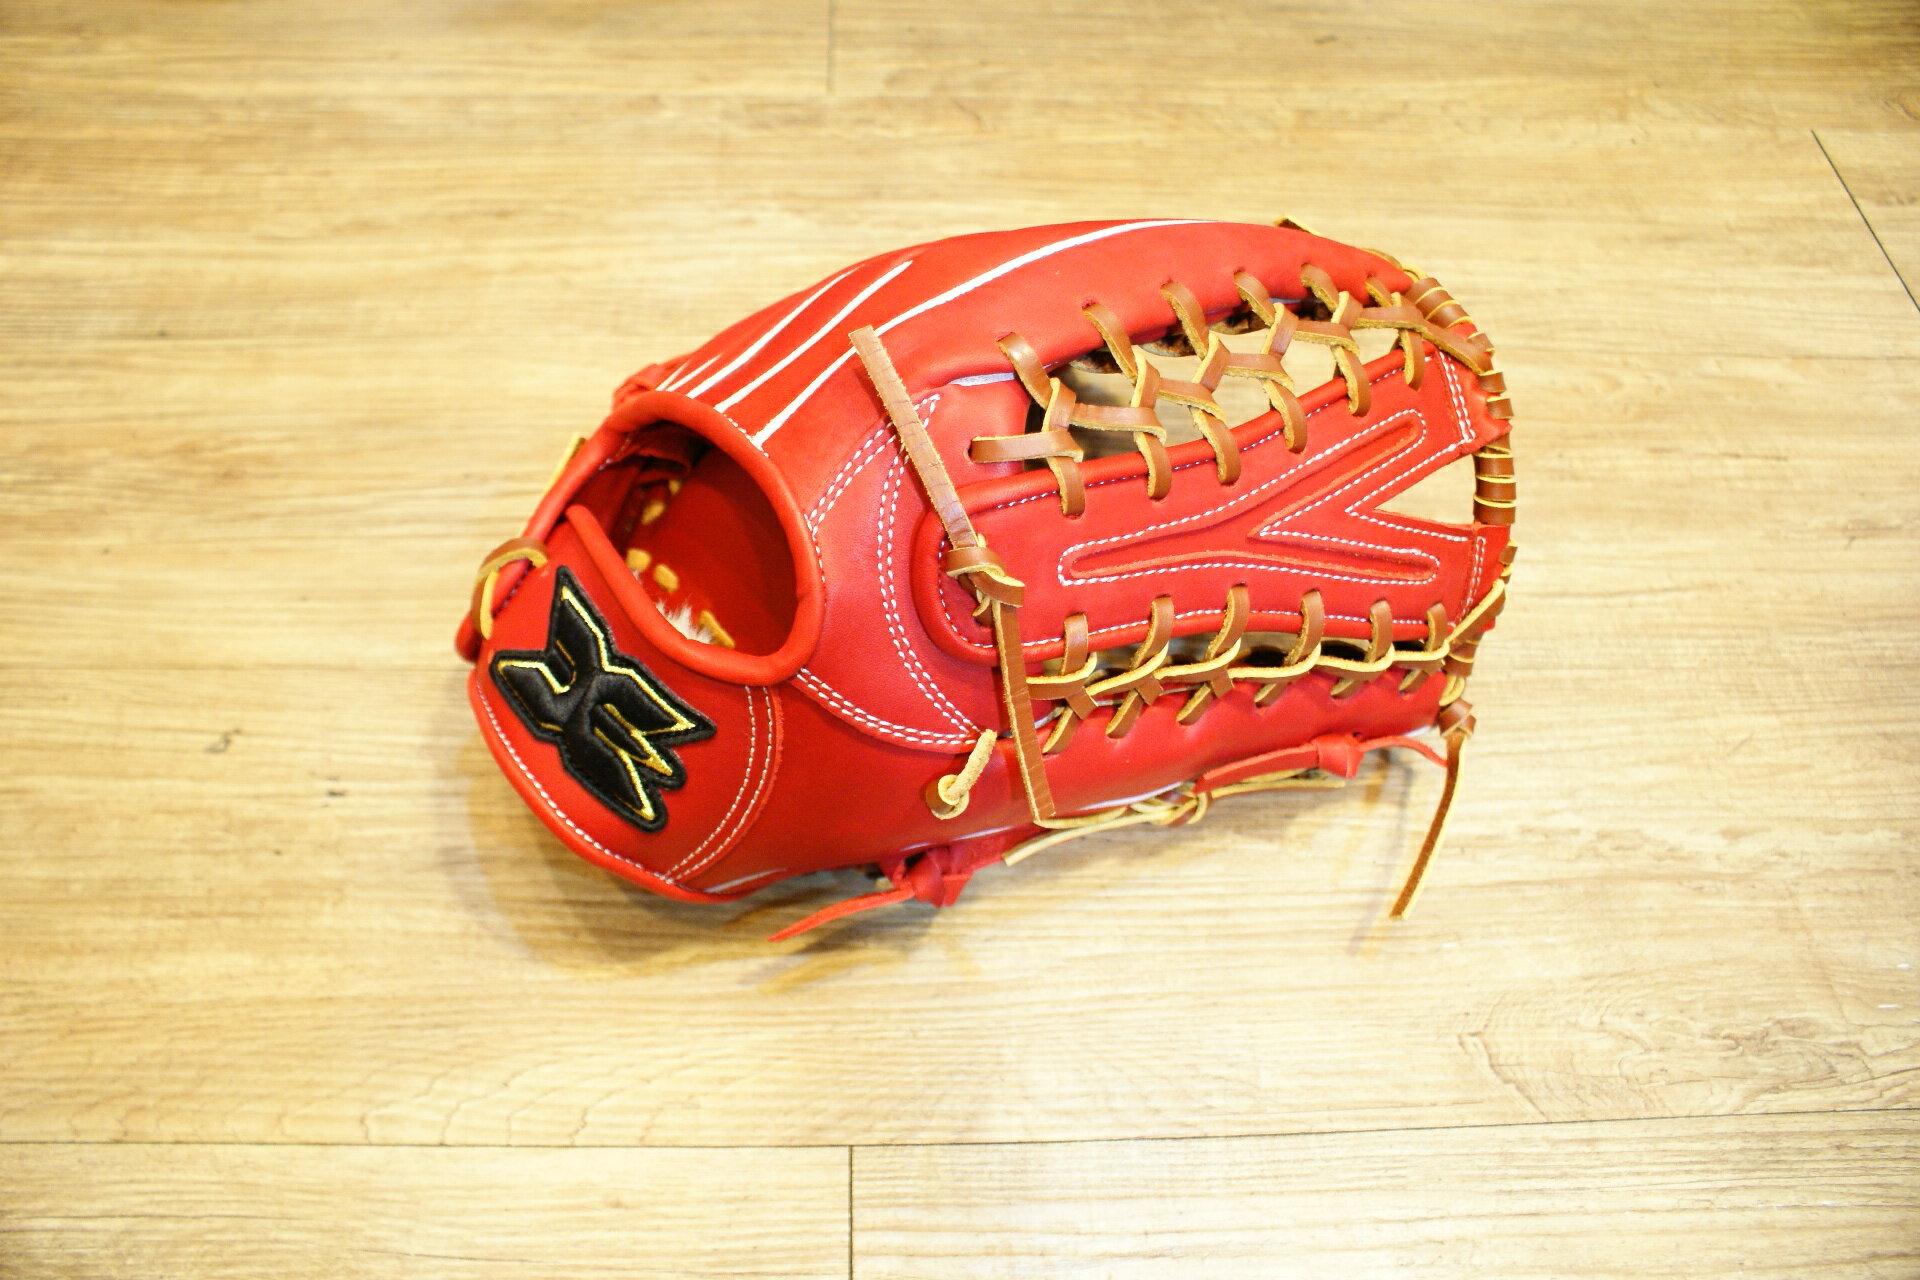 棒球世界 全新JAY棒壘球手套 外野Y字球檔紅色 特價 送油手套袋